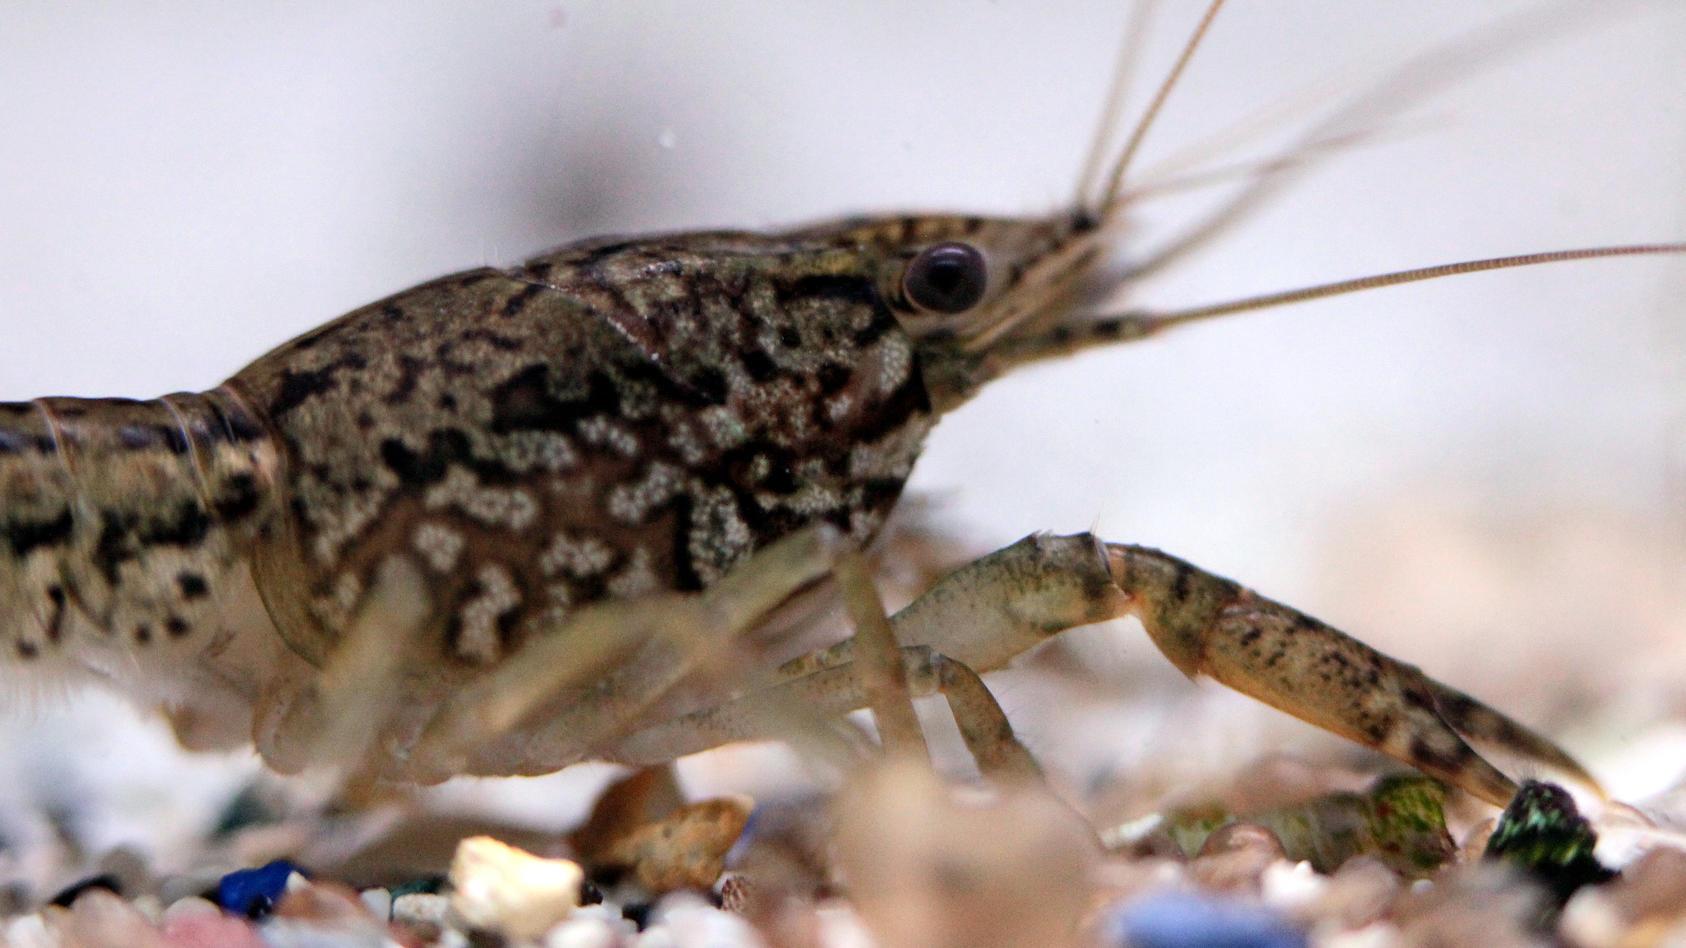 Der Krebs vermehrt sich als einziger derzeit bekannter Flusskrebs durch Jungfernzeugung, Männchen sind unbekannt.